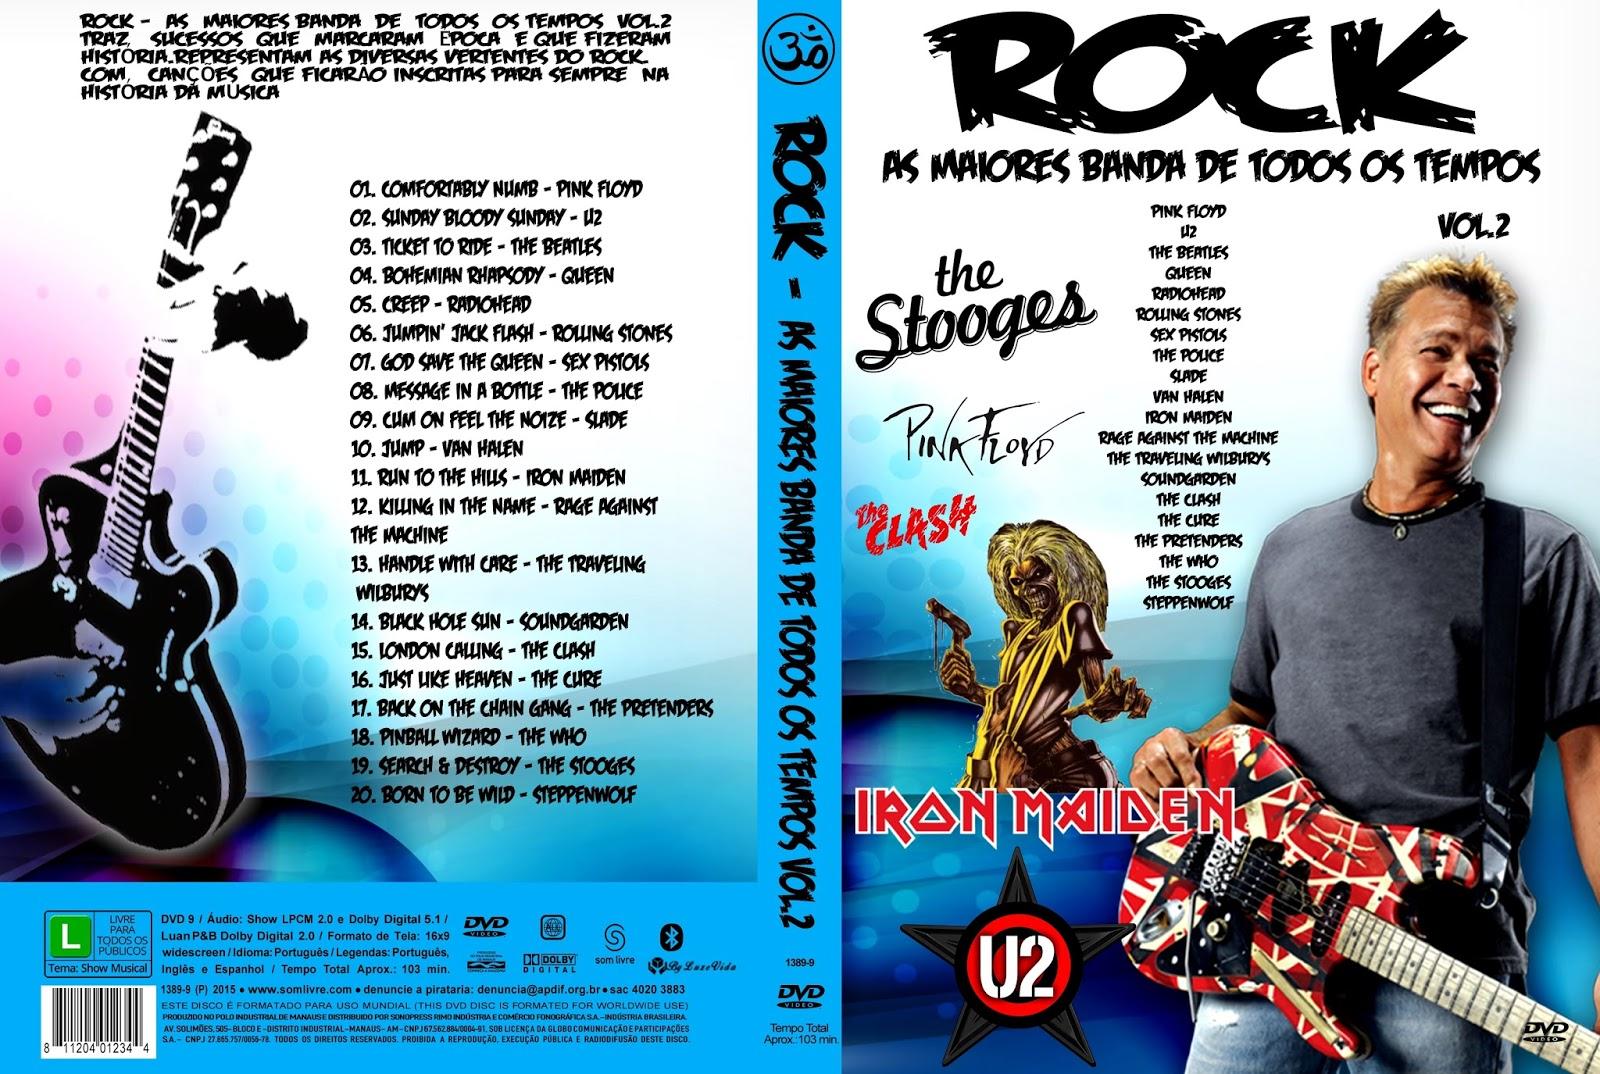 Download Rock As Maiores Banda de Todos Os Tempos Vol.2 DVD-R rock as maiores banda de todos os tempos vol